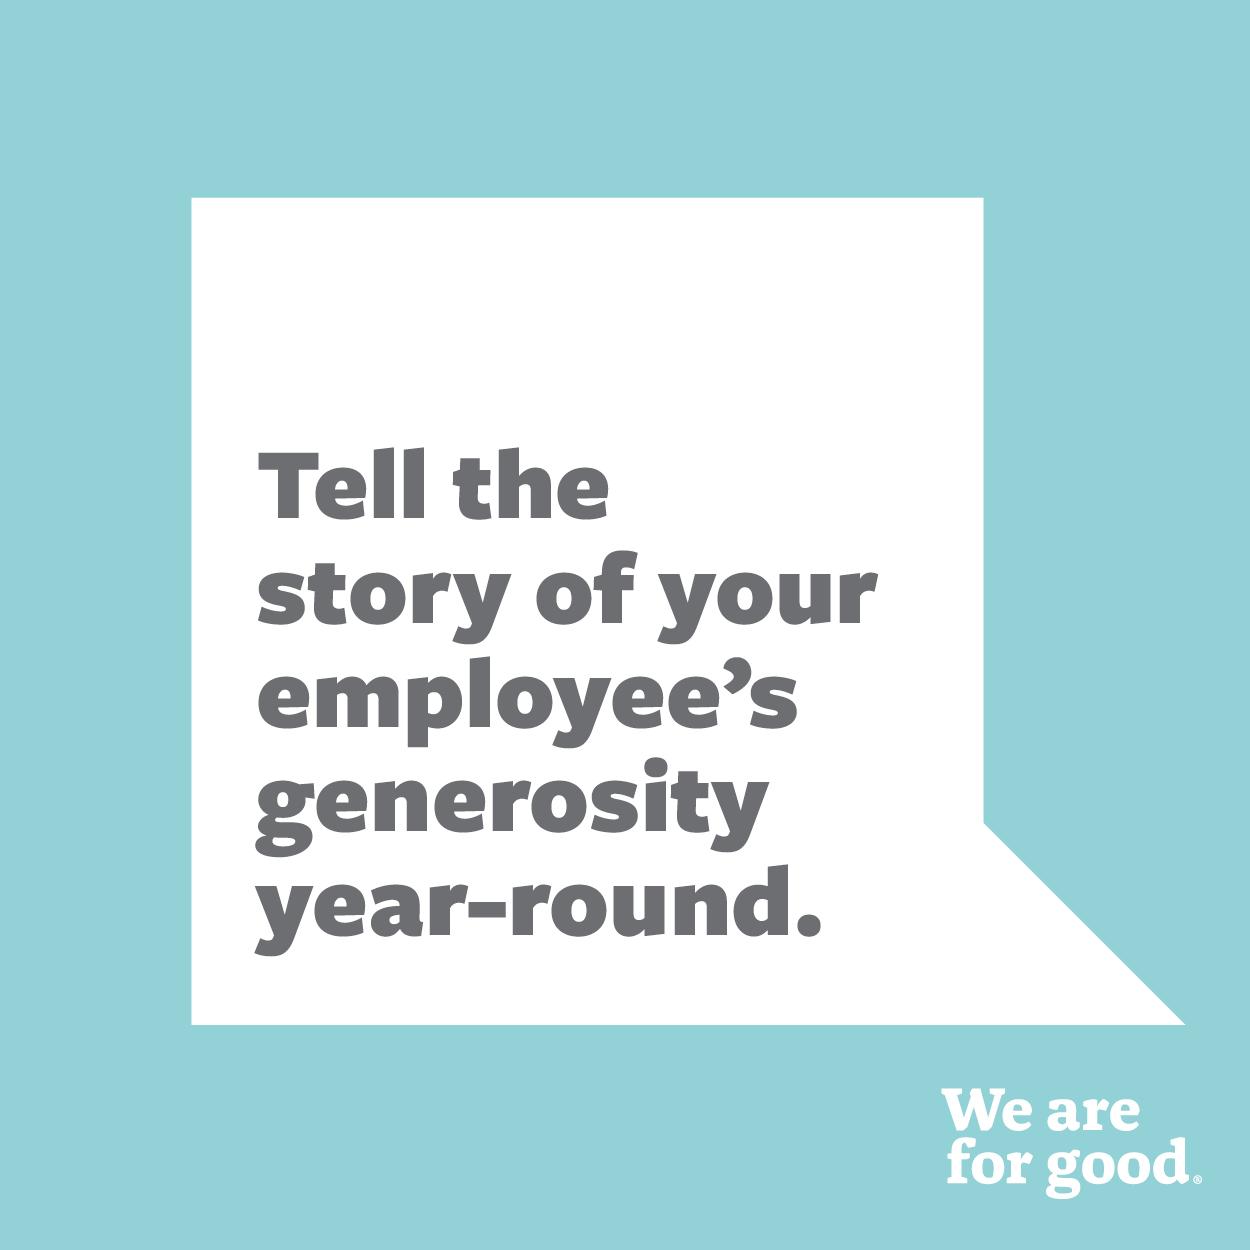 Tell-story-employee-year-round.jpg